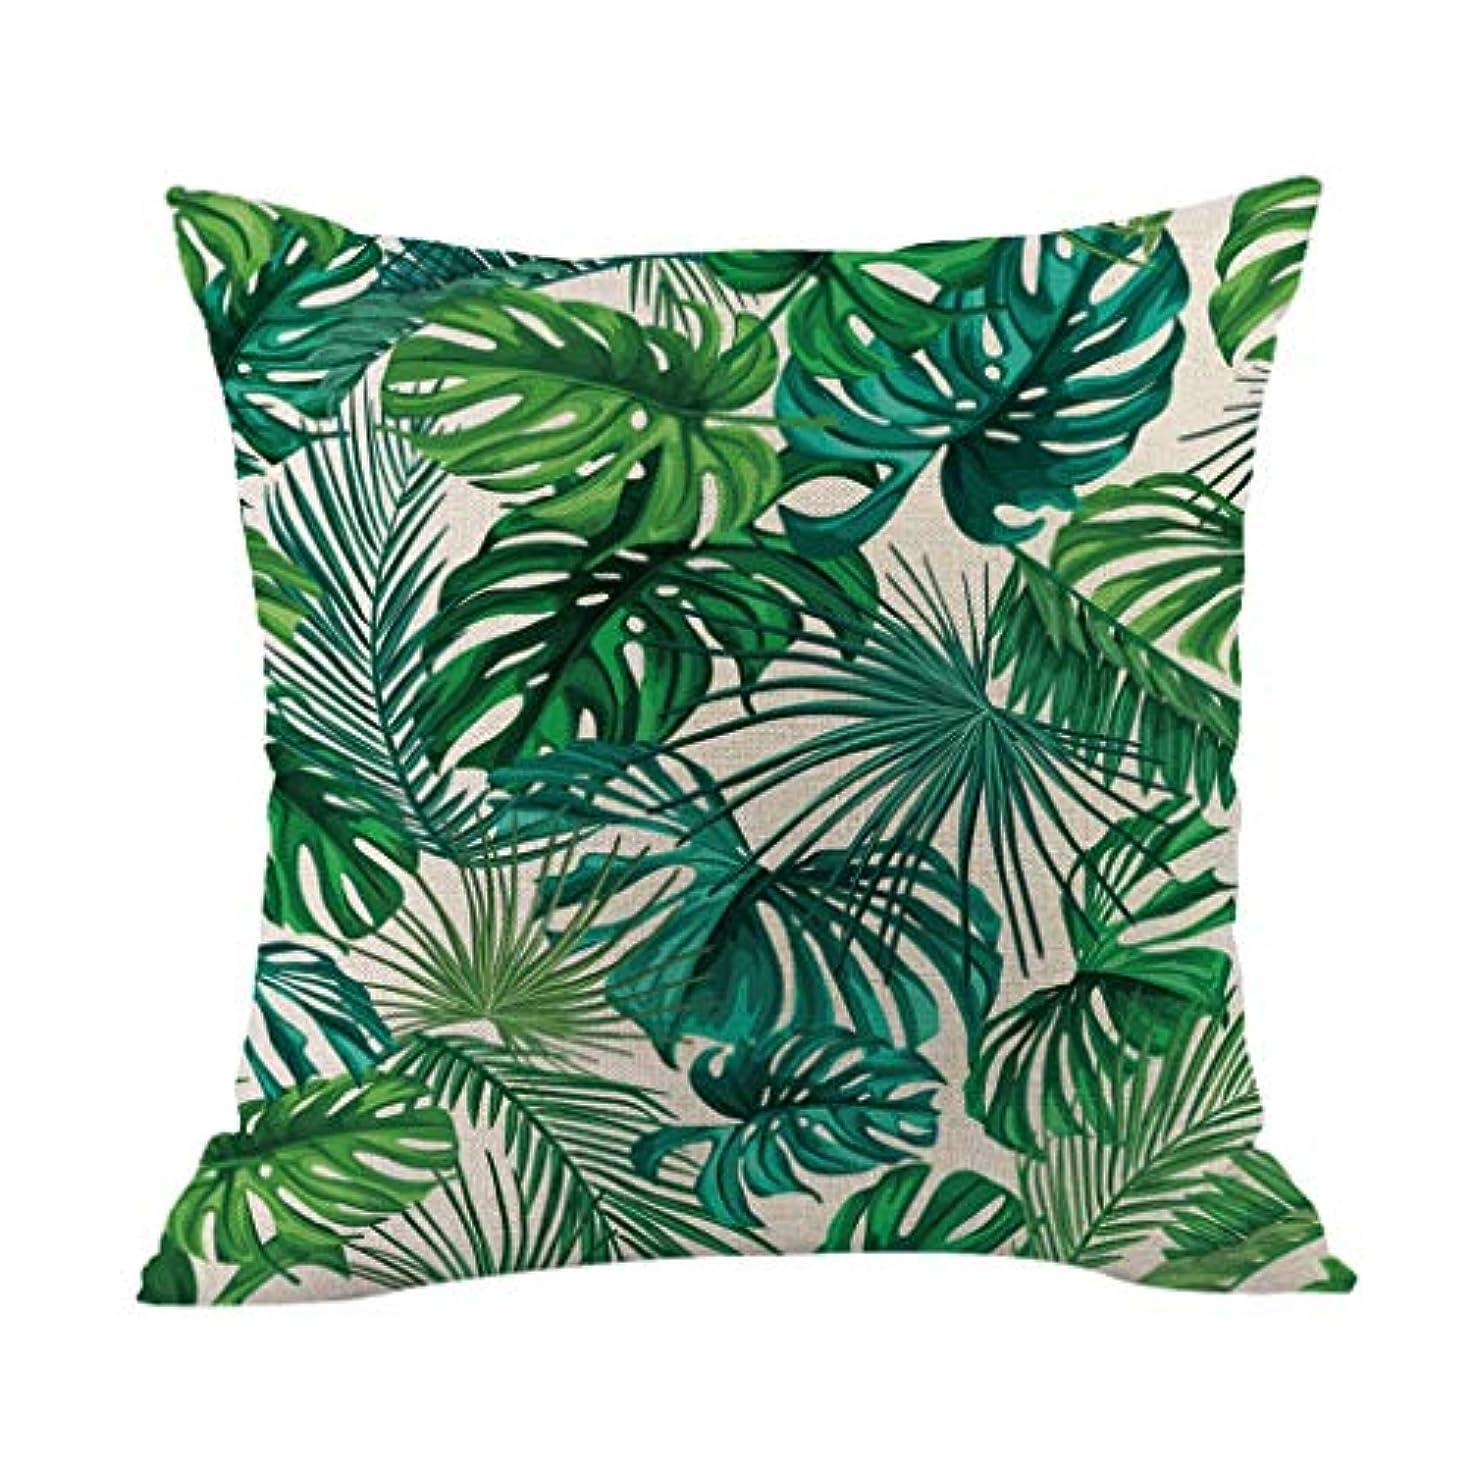 囲まれた失う提出するLIFE 高品質クッション熱帯植物ポリエステル枕ソファ投げるパッドセットホーム人格クッション coussin decoratif クッション 椅子